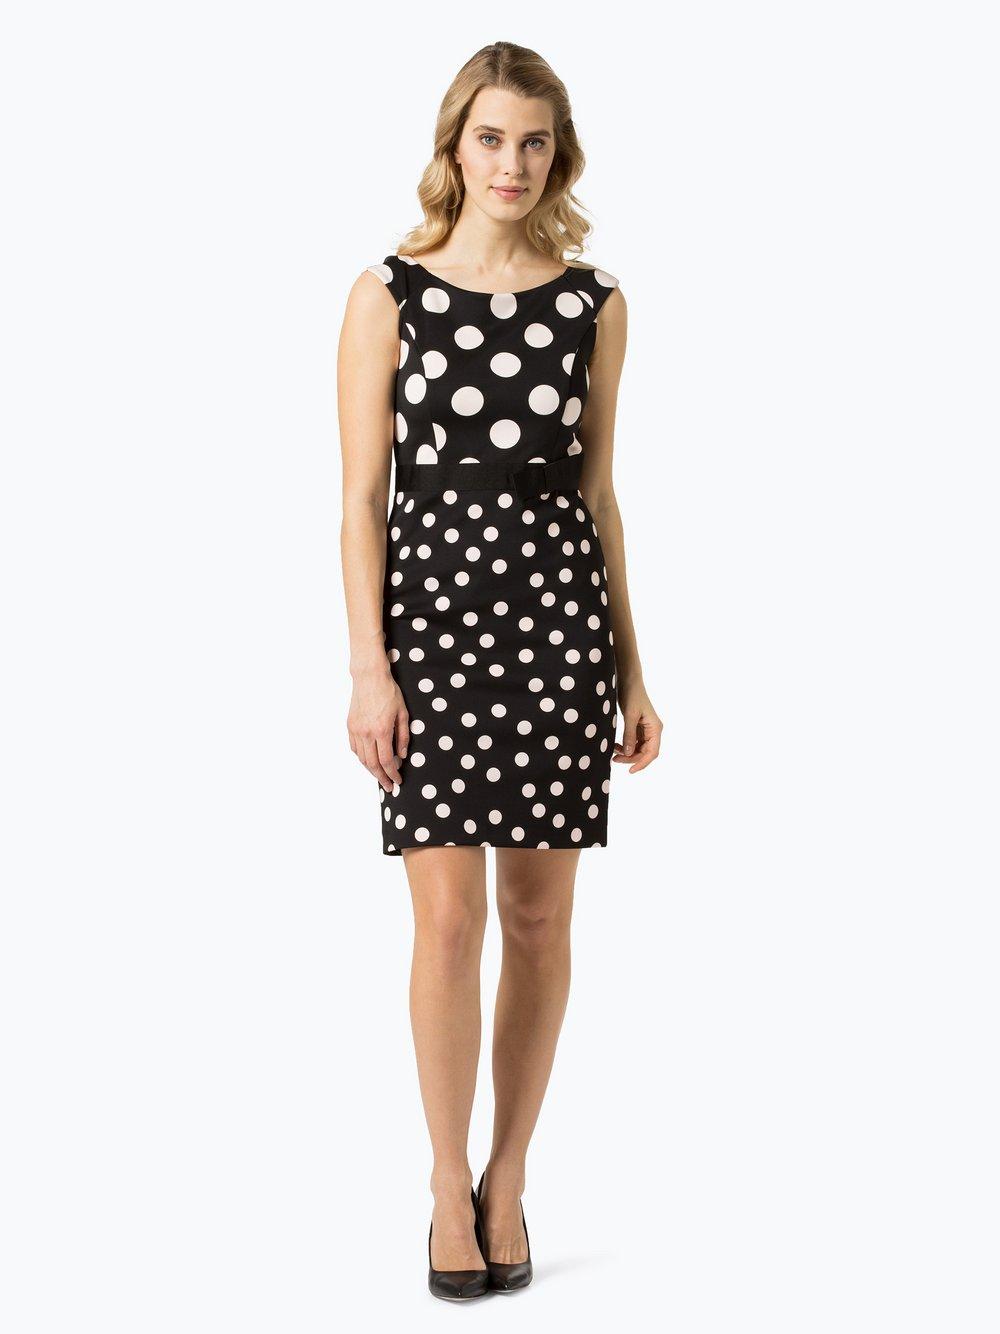 Kleid schwarz soliver